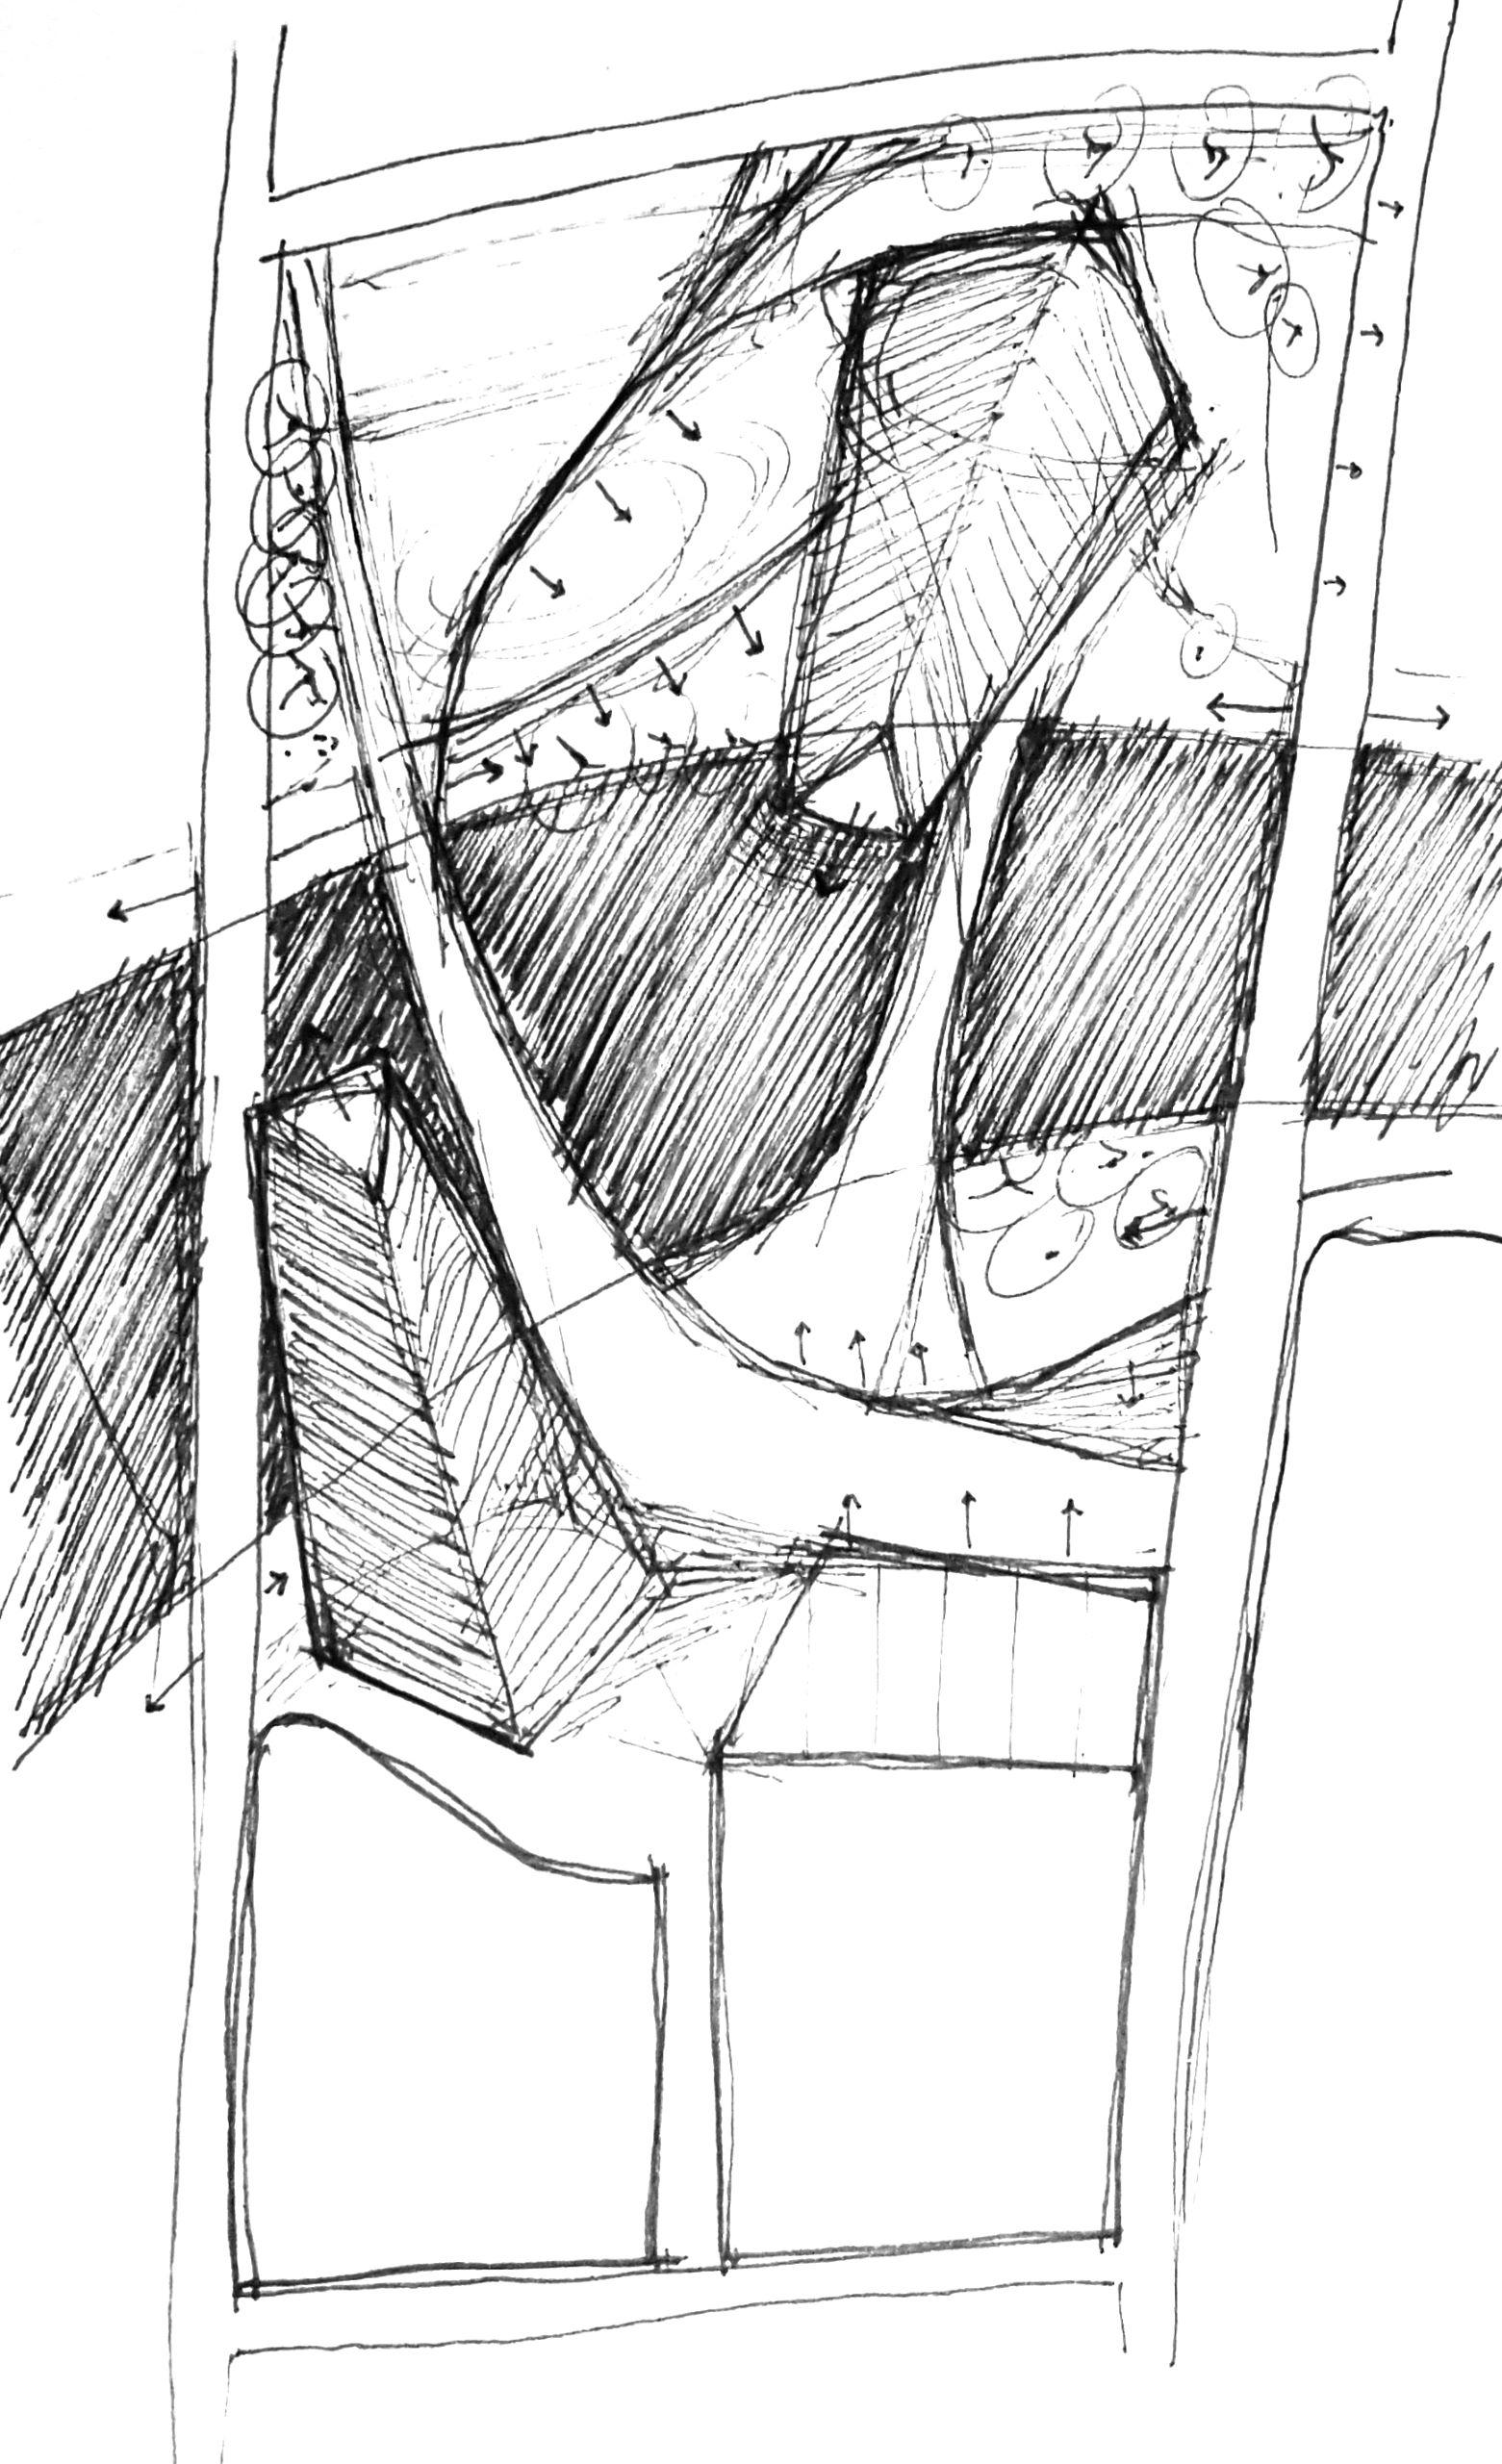 Urban-Rhetoric_Parramatta_Concept-01